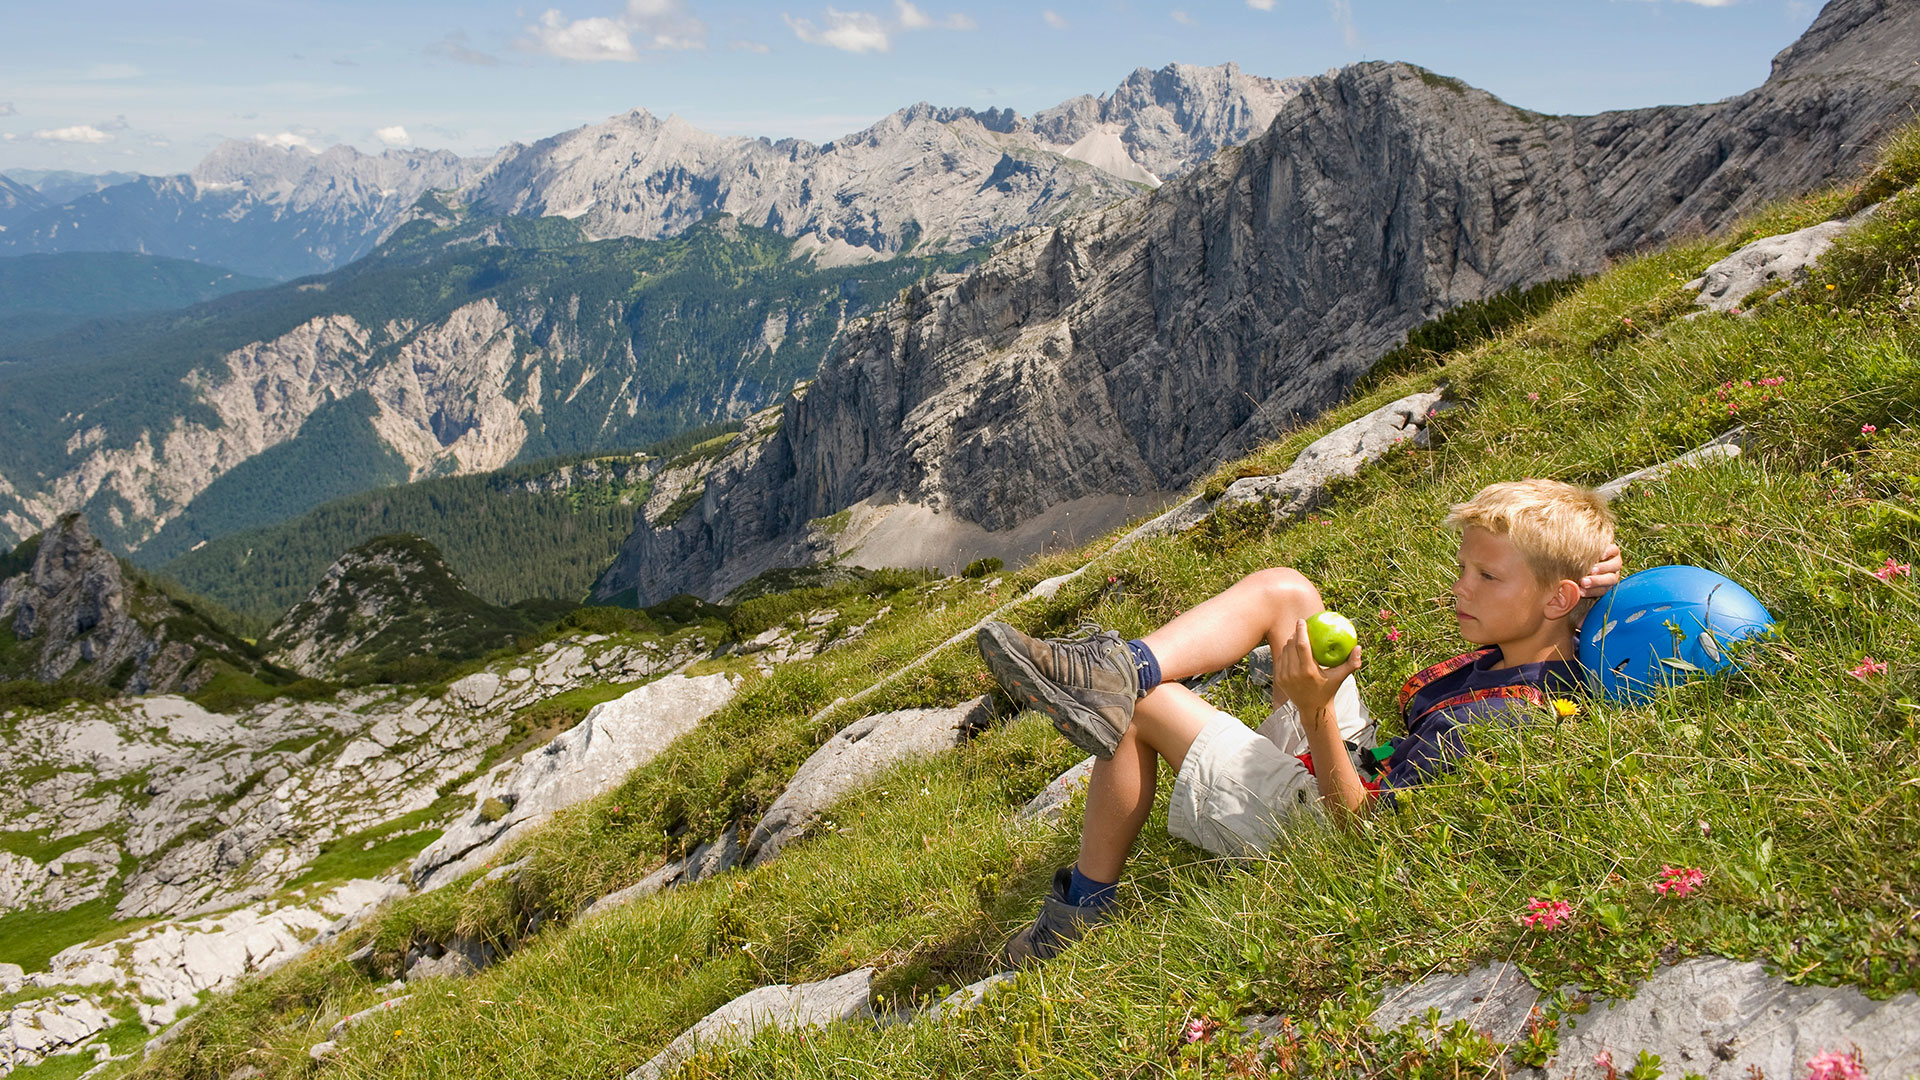 Offre Première Minute pour votre séjour à la montagne en été - CGH Résidences